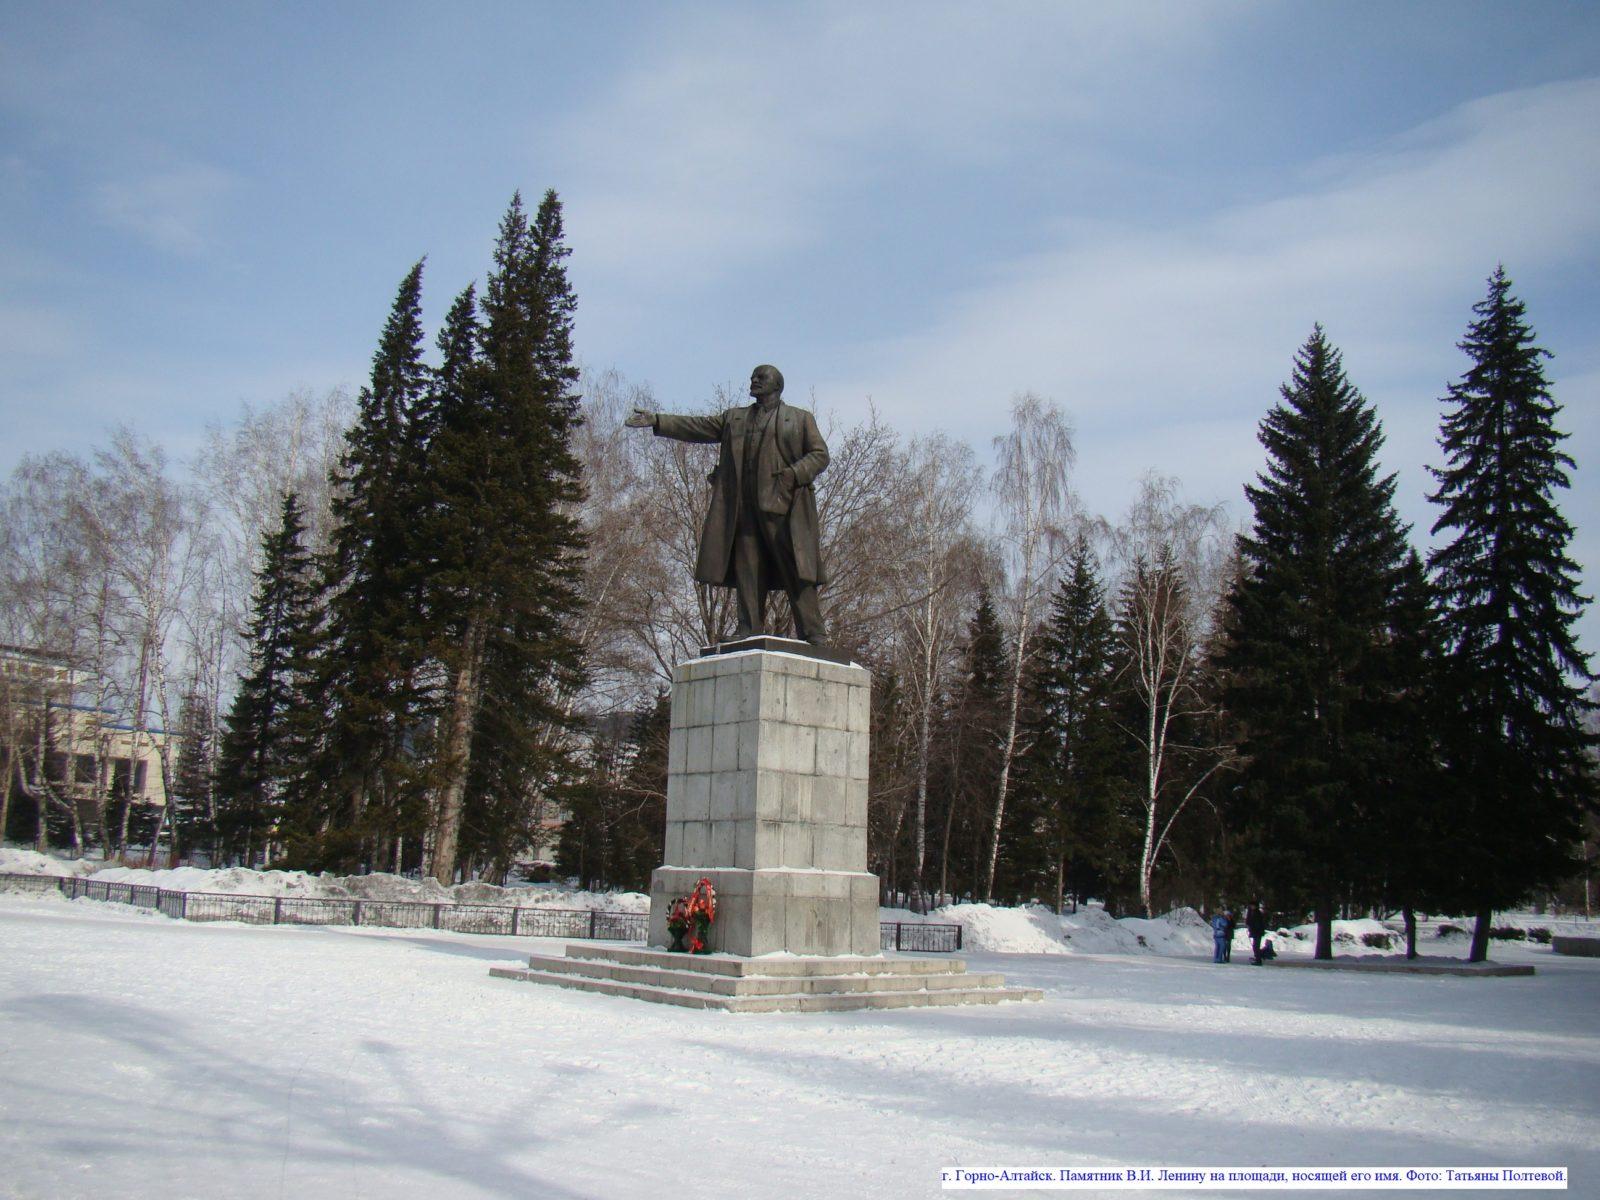 г. Горно-Алтайск. Памятник В.И. Ленину на площади, носящей его имя.